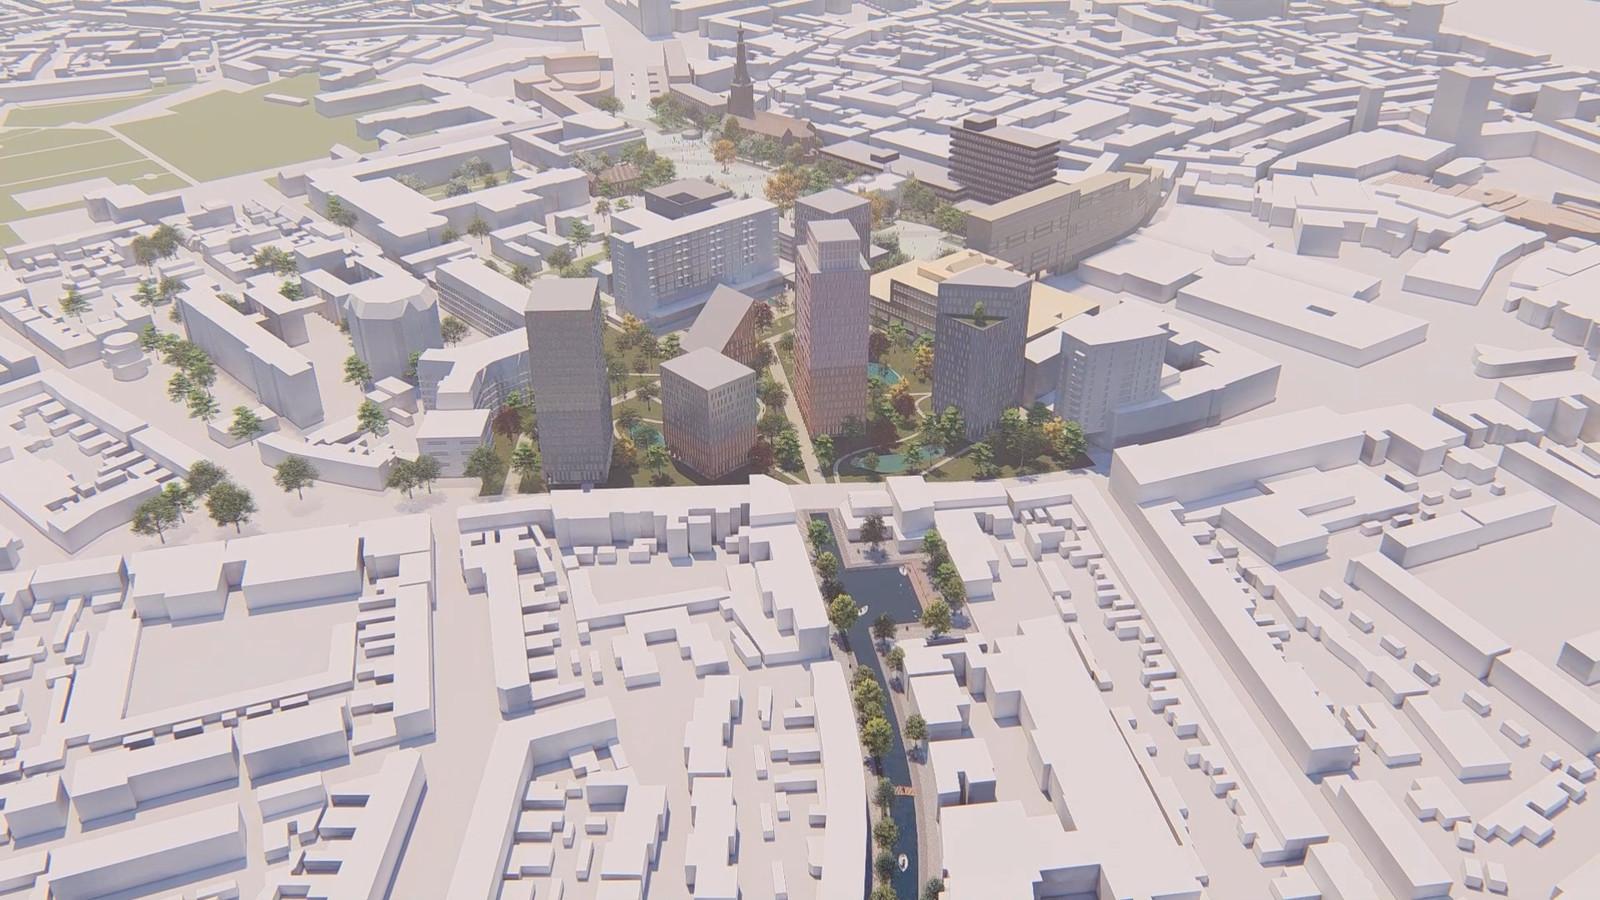 Droomplannen voor de stad: Koopvaardijstraat met water, het Koningsplein met woontorens en op de achtergrond het nieuwe Stadskwartier als één groot plein.